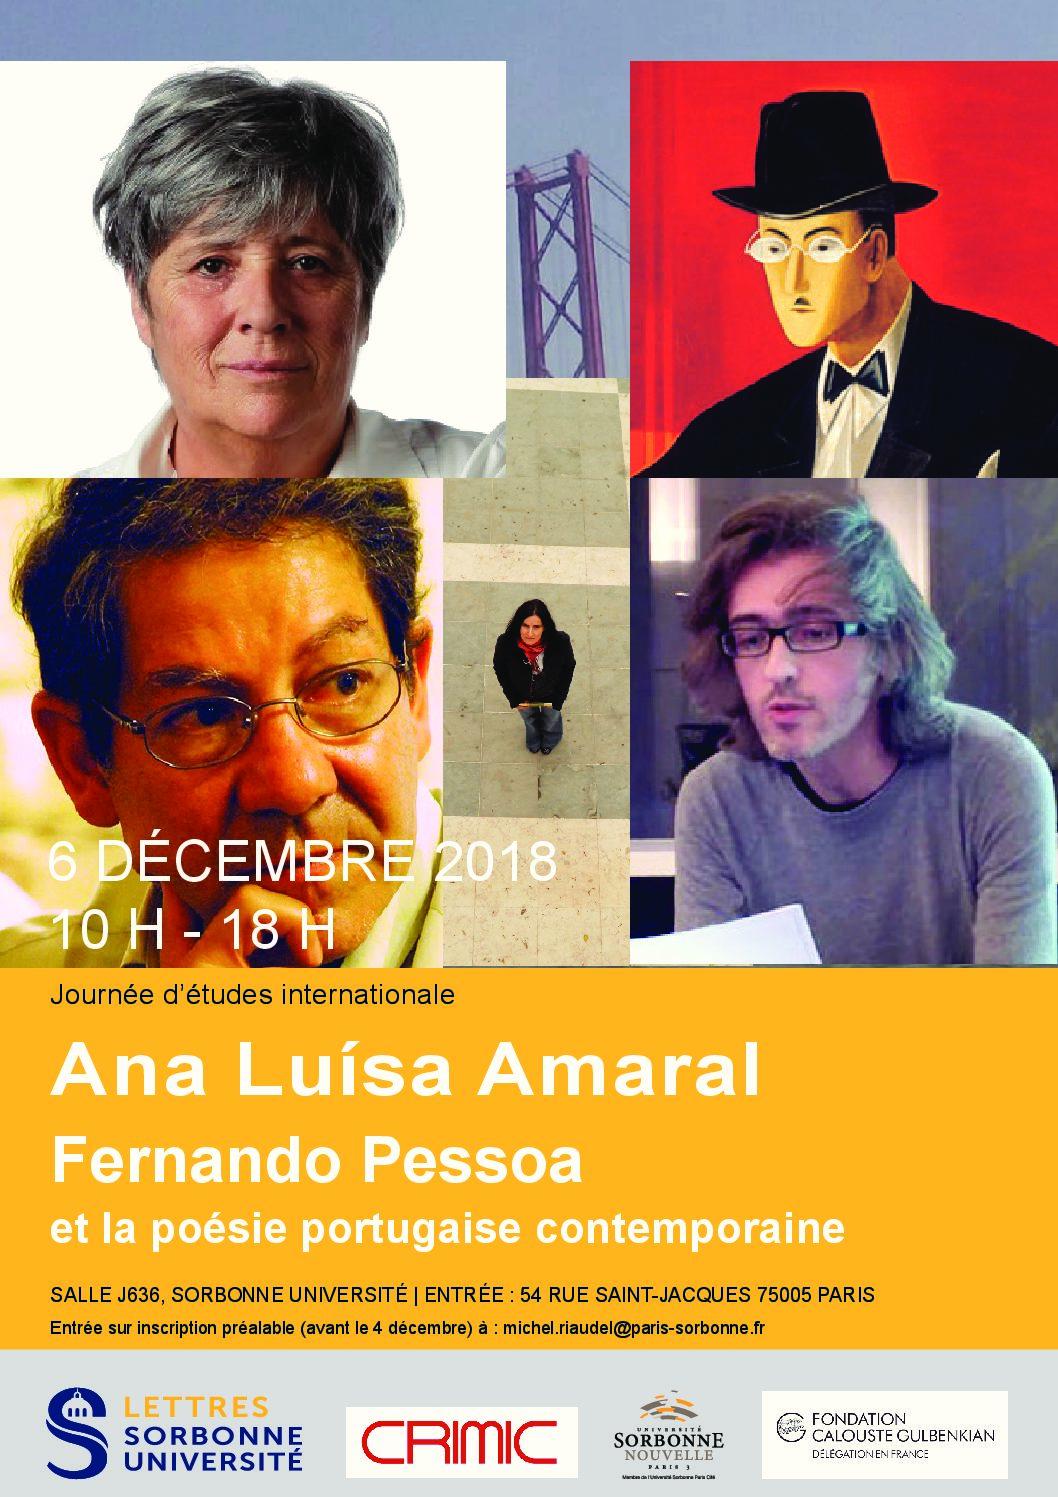 Autour de la poésie portugaise contemporaine